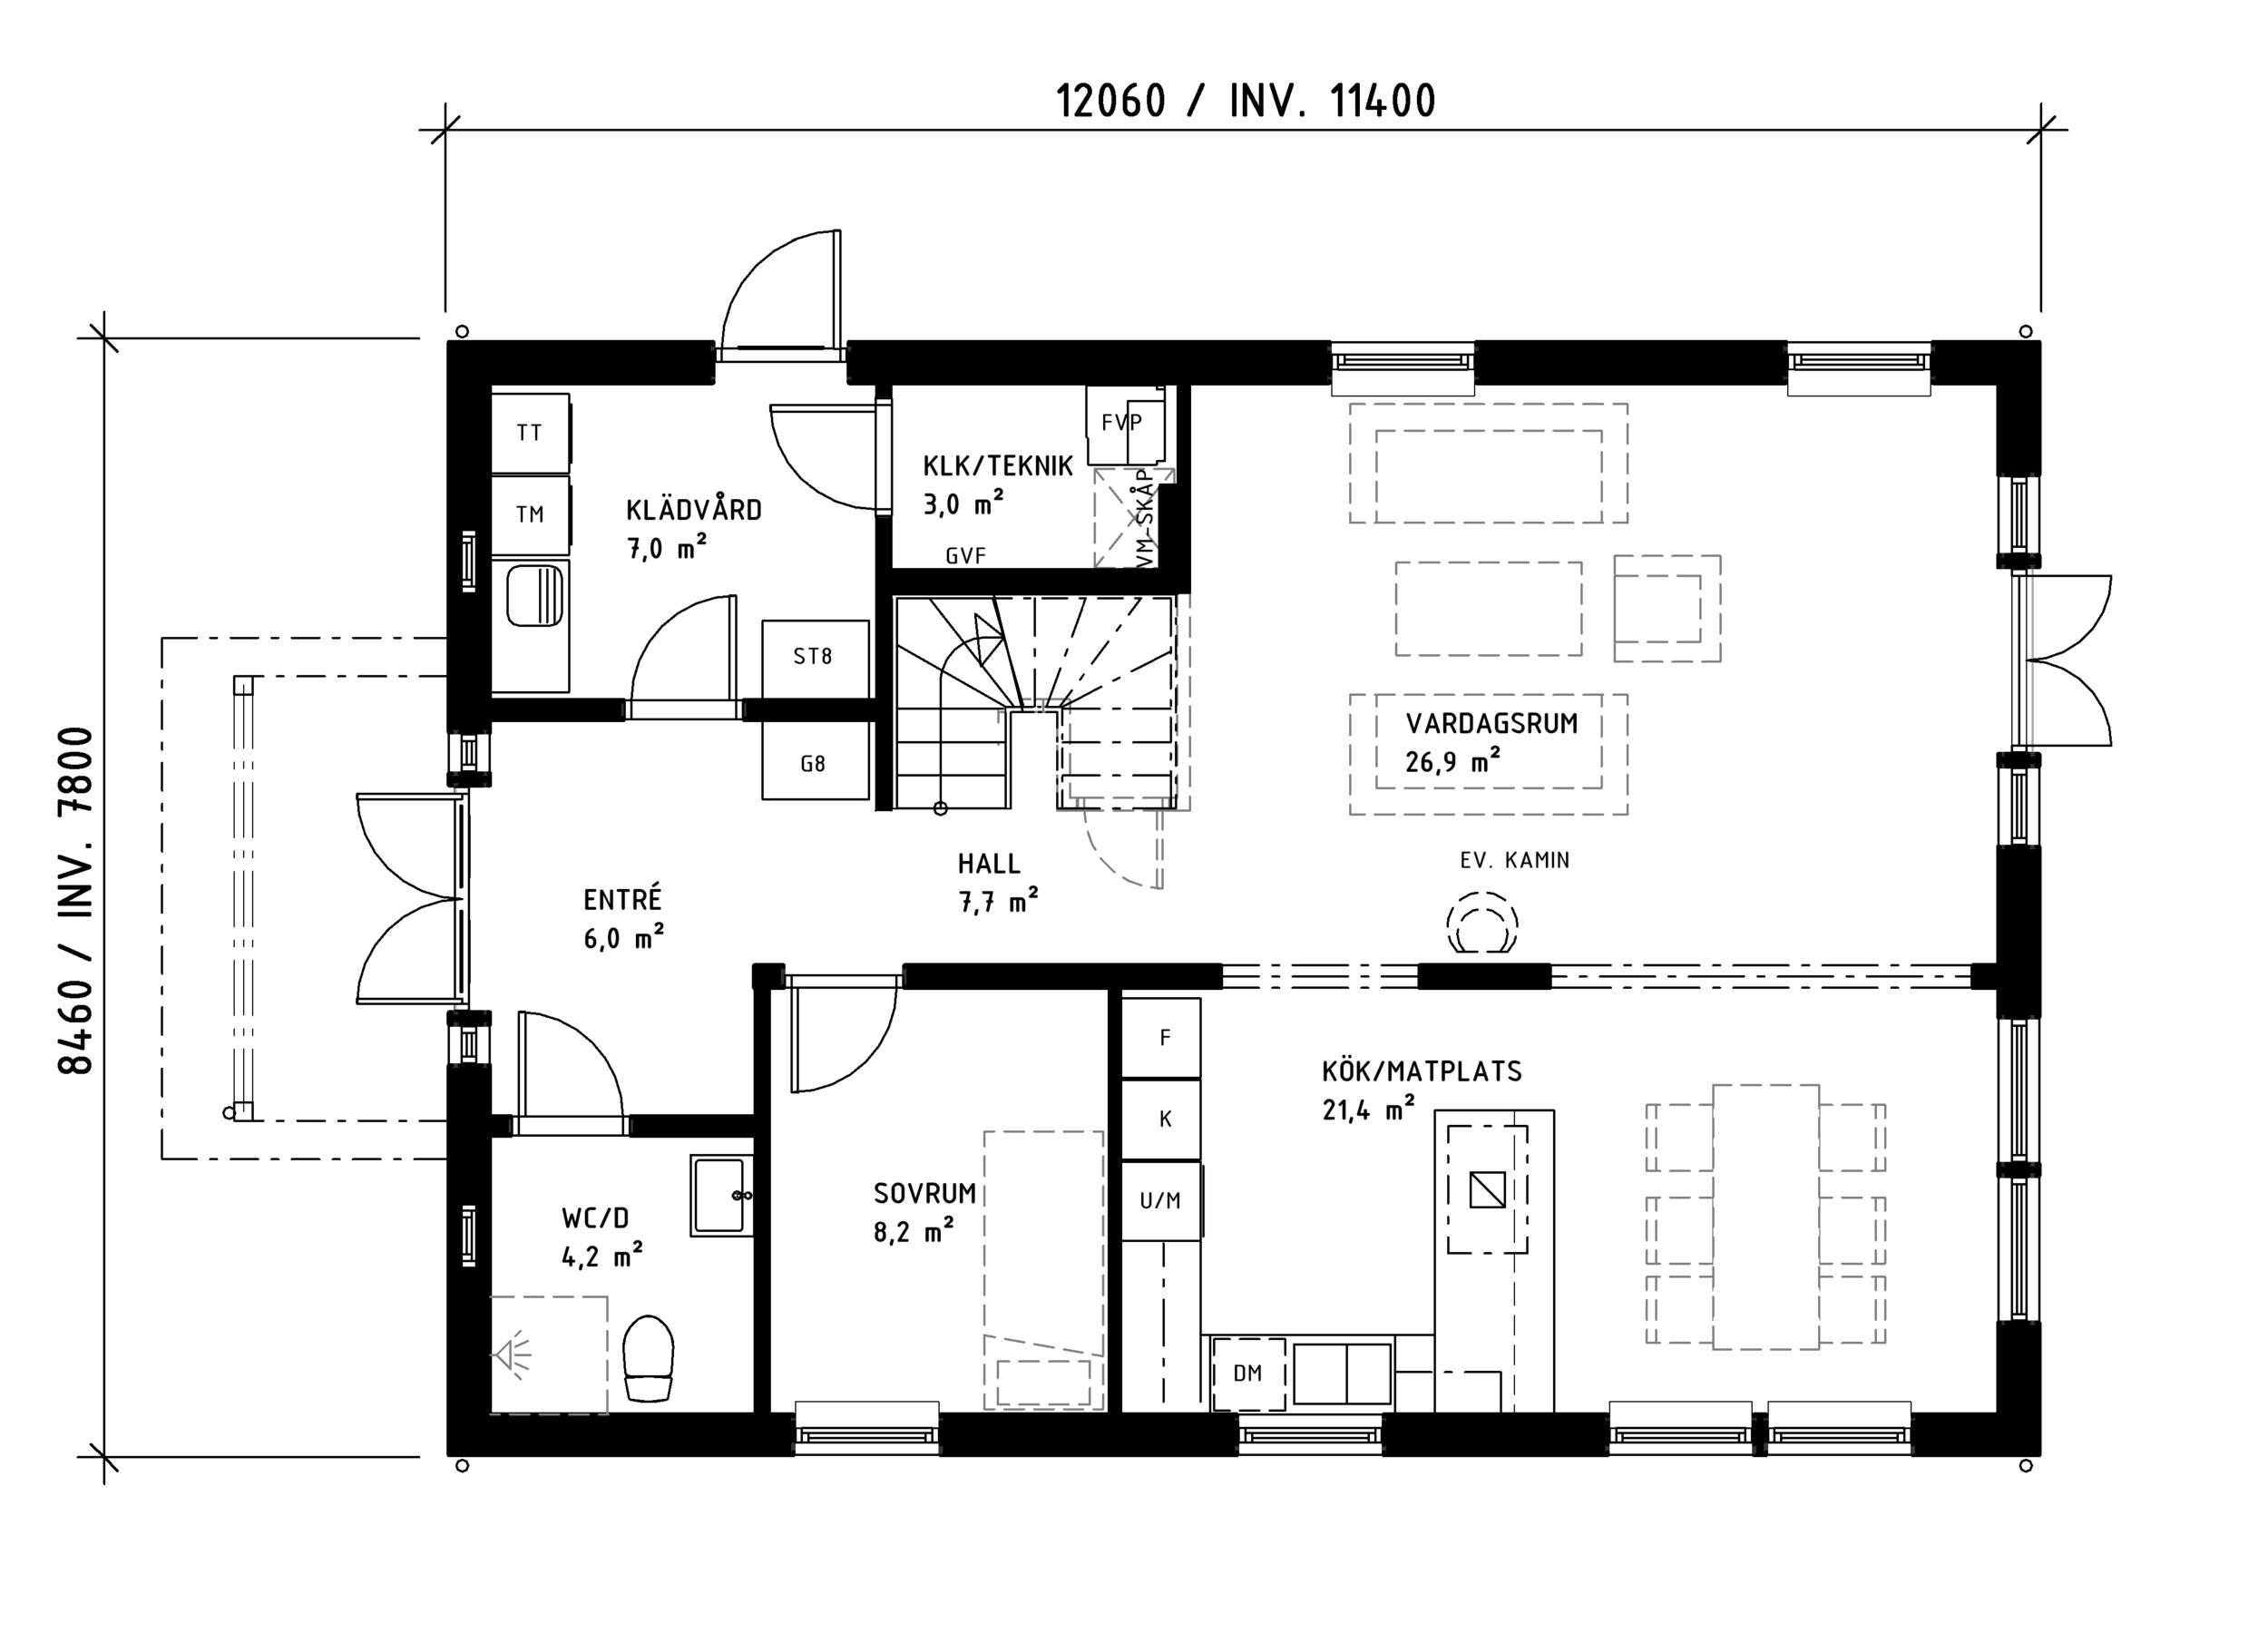 5.1.314 Anneberg plan 190819-entreplan.png